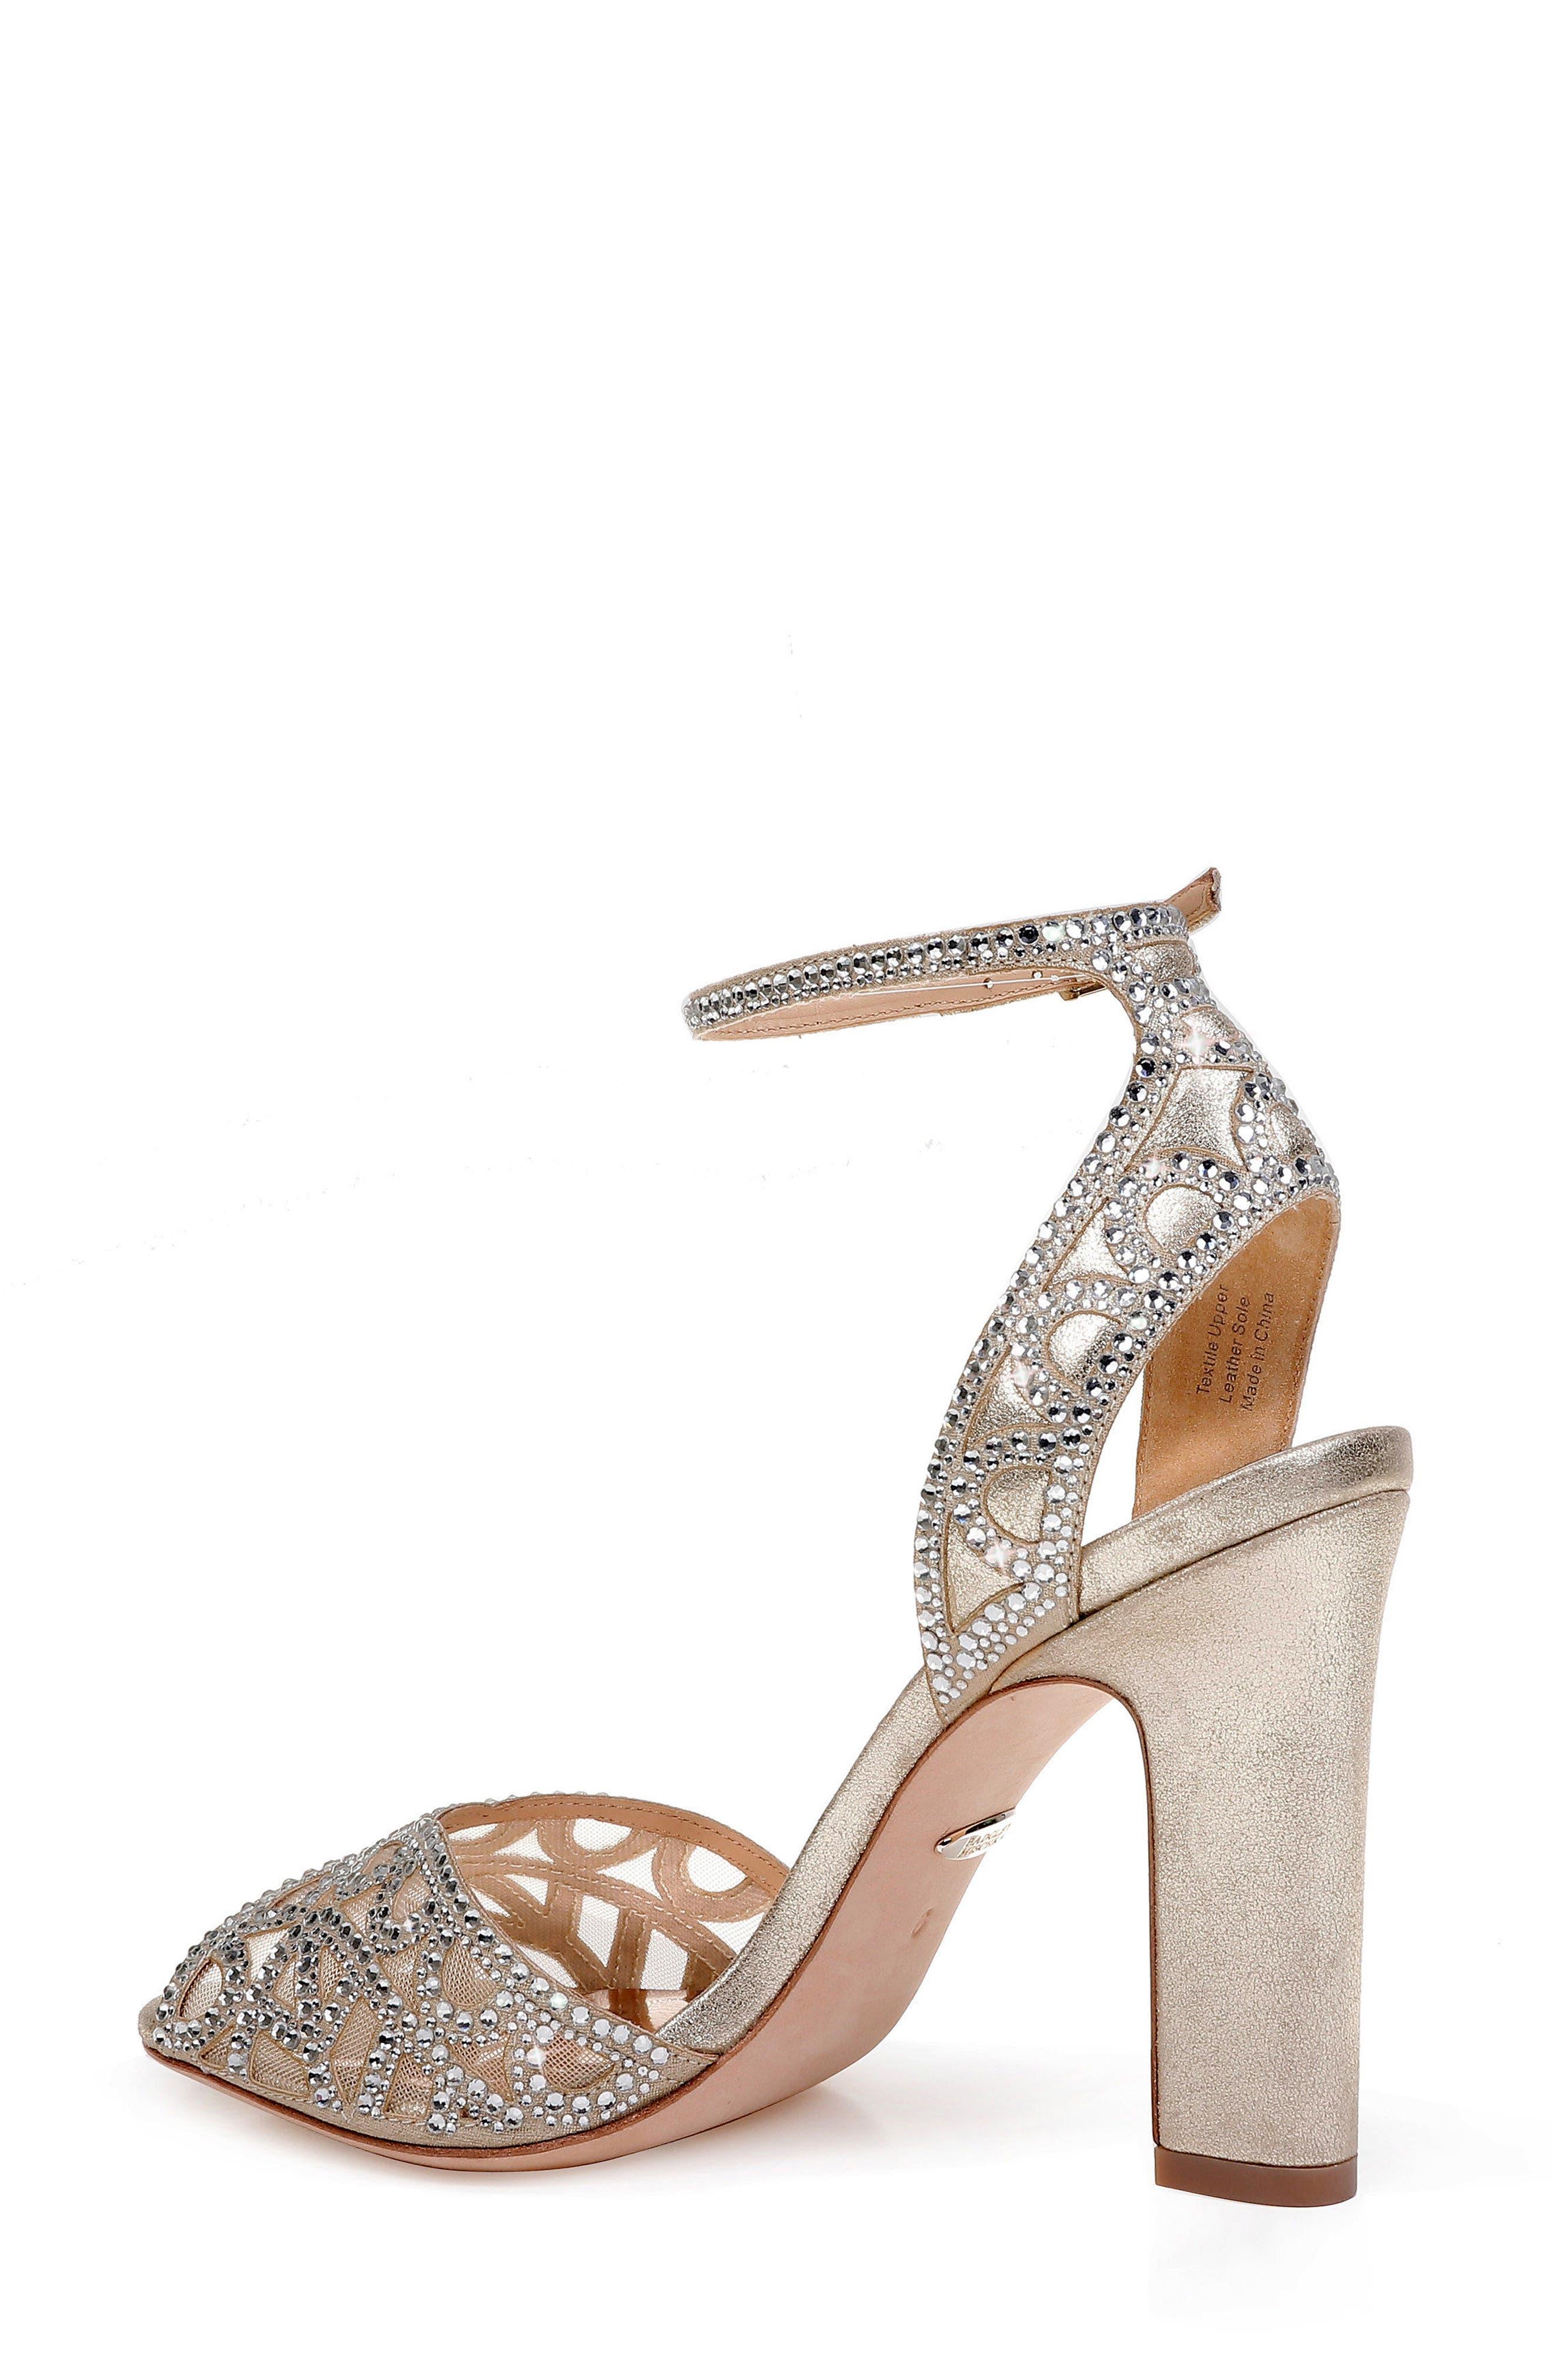 Badgley Mischka Hart Crystal Embellished Sandal,                             Alternate thumbnail 2, color,                             040